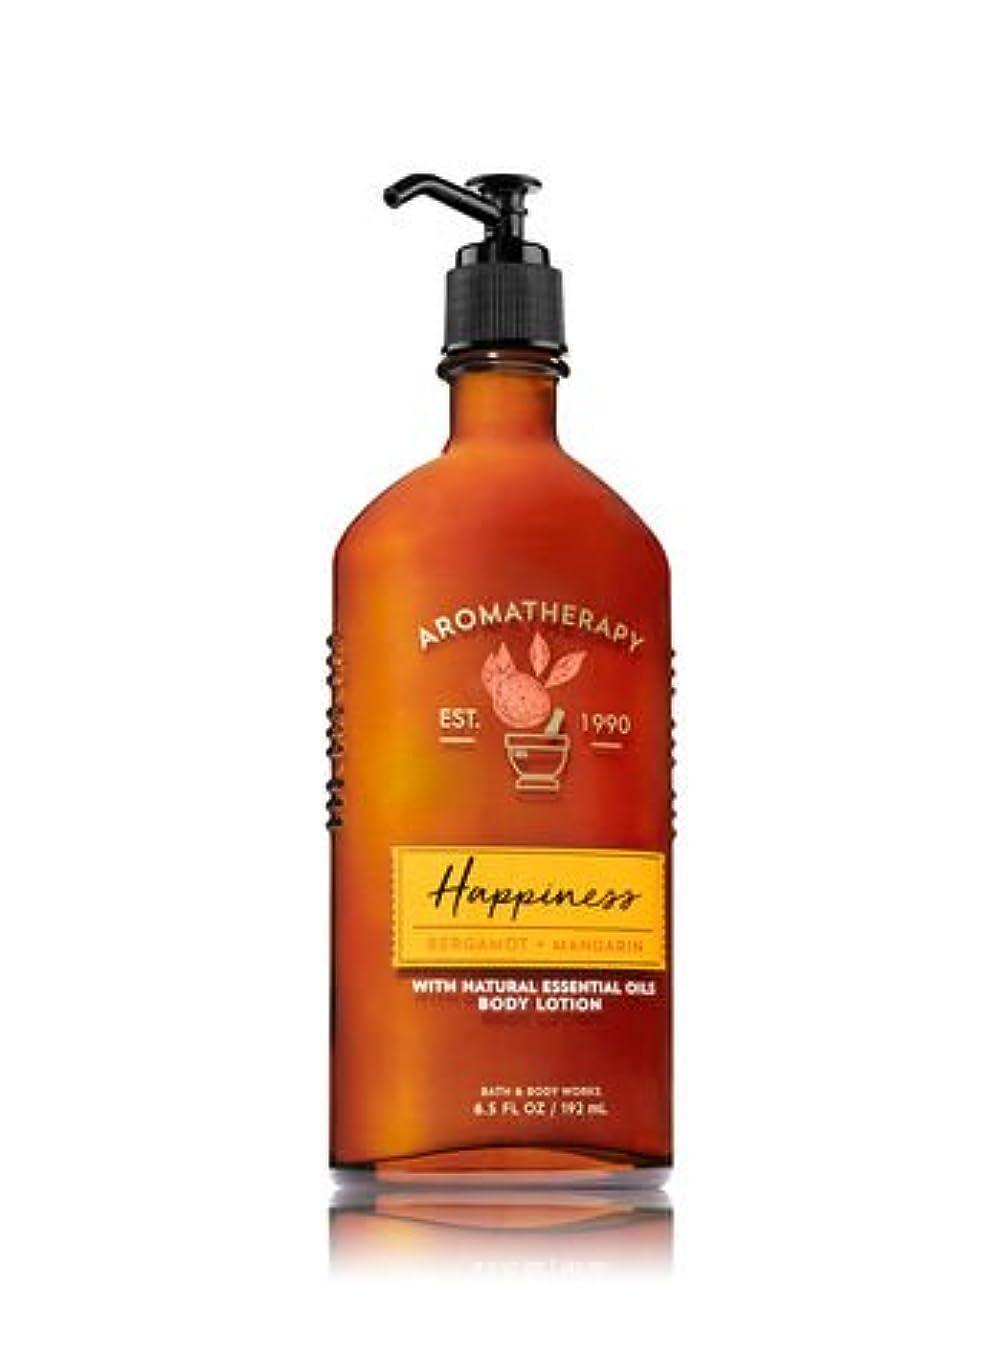 欠乏頼む王室【Bath&Body Works/バス&ボディワークス】 ボディローション アロマセラピー ハピネス ベルガモットマンダリン Body Lotion Aromatherapy Happiness Bergamot Mandarin 6.5 fl oz / 192 mL [並行輸入品]